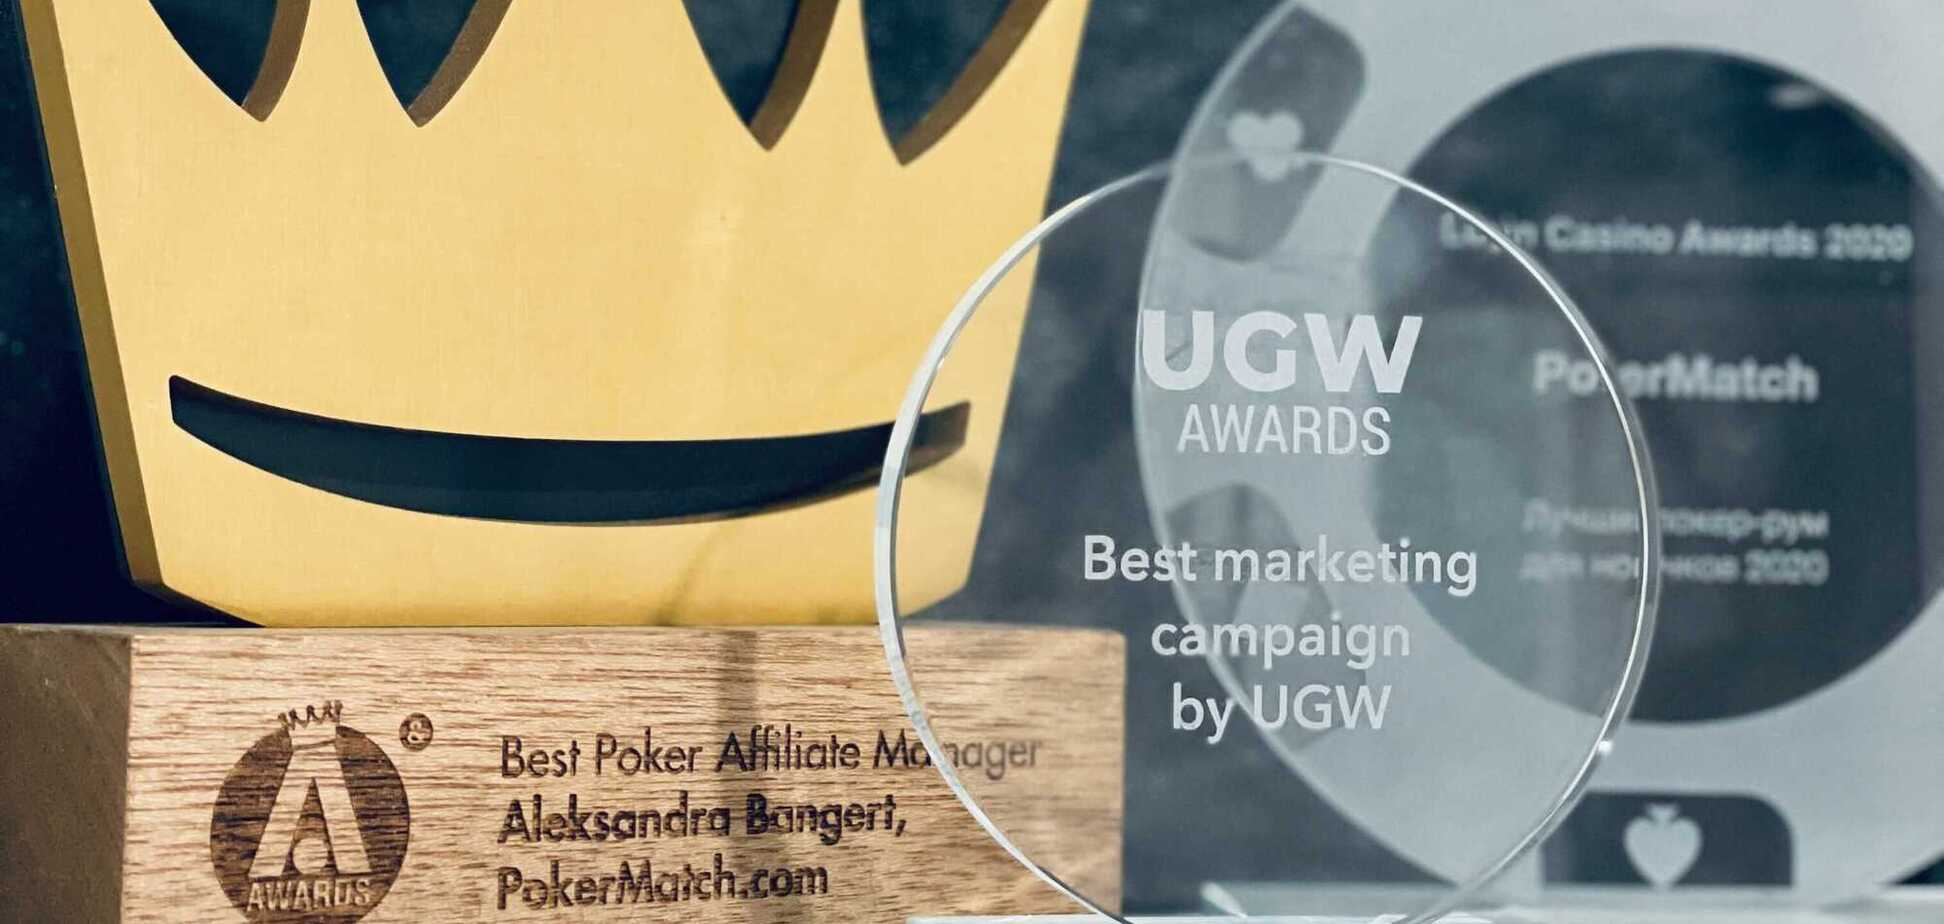 Бренд PokerMatch получил награду 'Лучшая маркетинговая кампания'